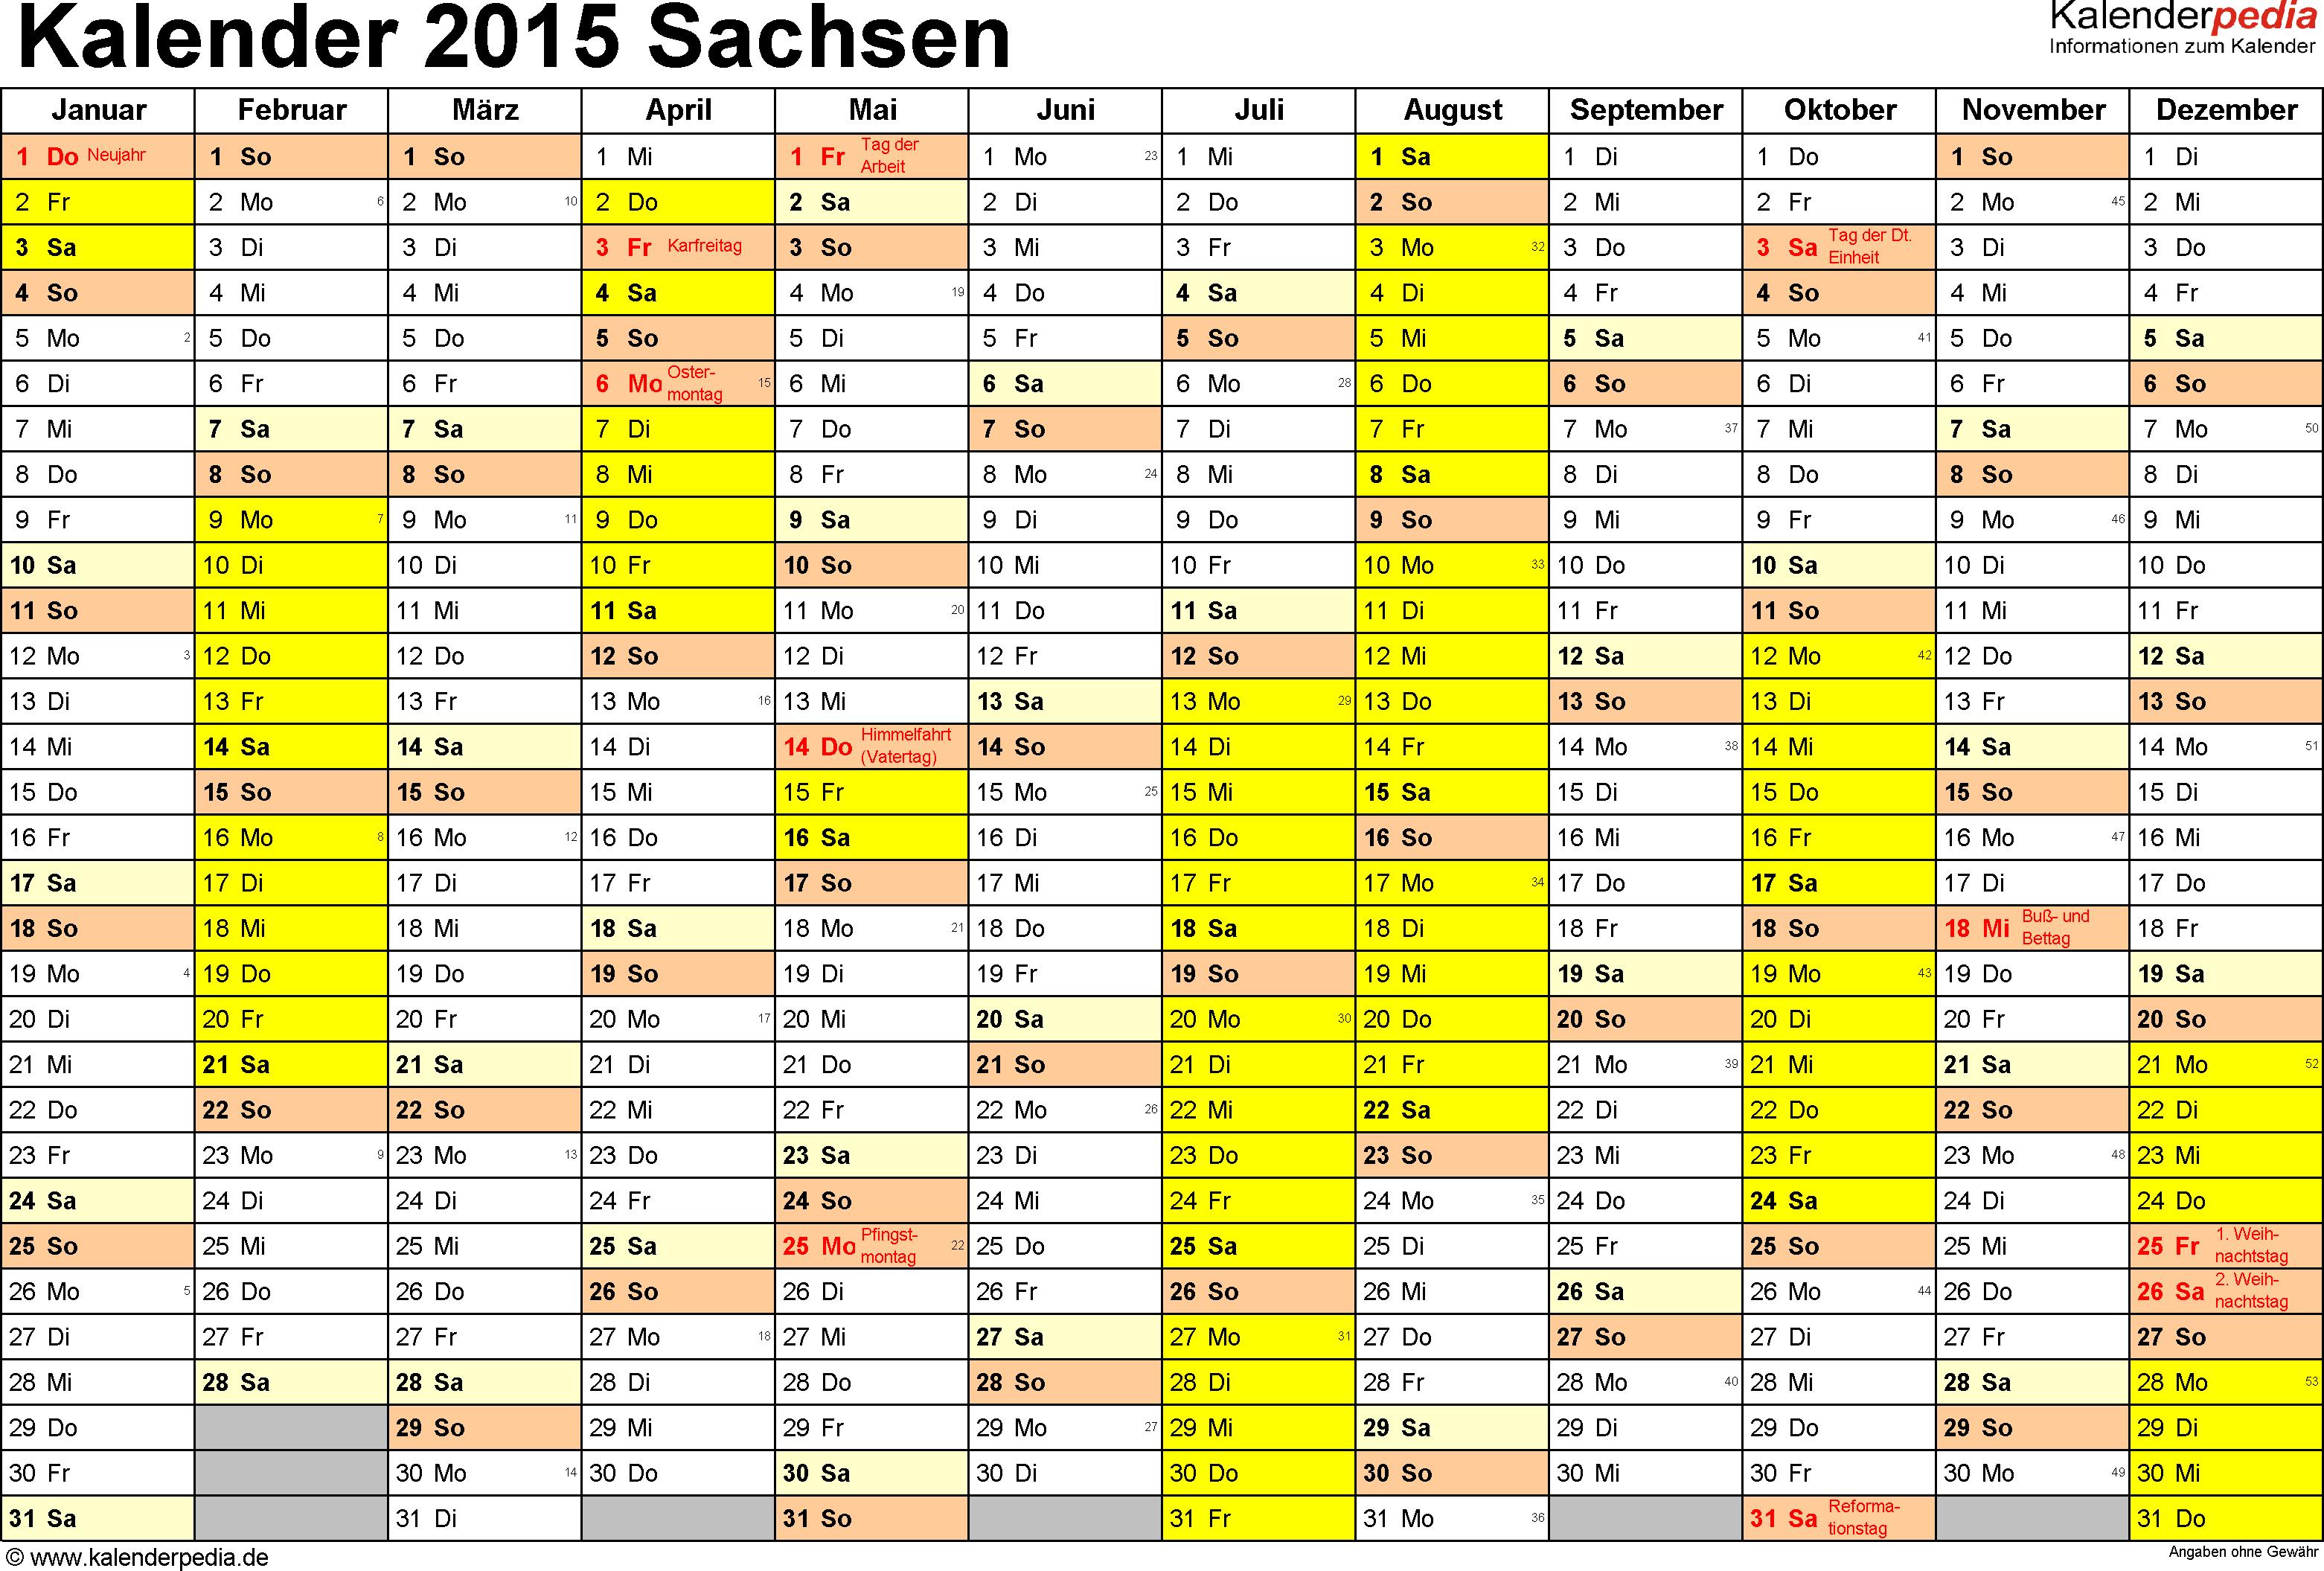 Vorlage 1: Kalender 2015 für Sachsen als PDF-Vorlagen (Querformat, 1 Seite)